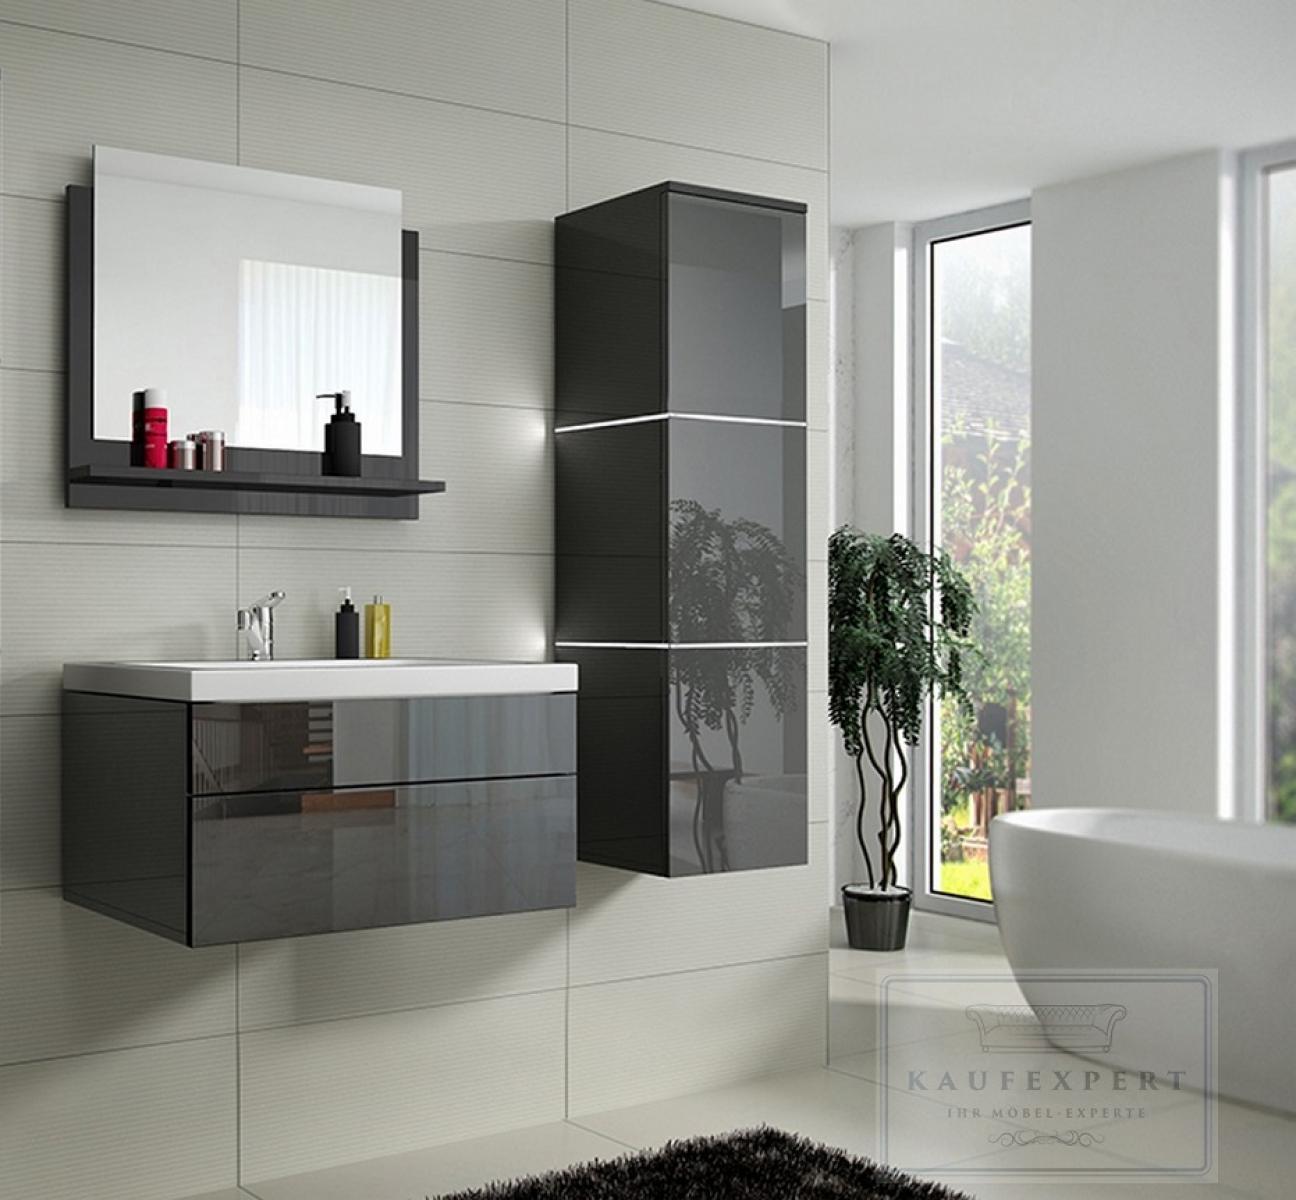 Waschbecken Badezimmer Grau